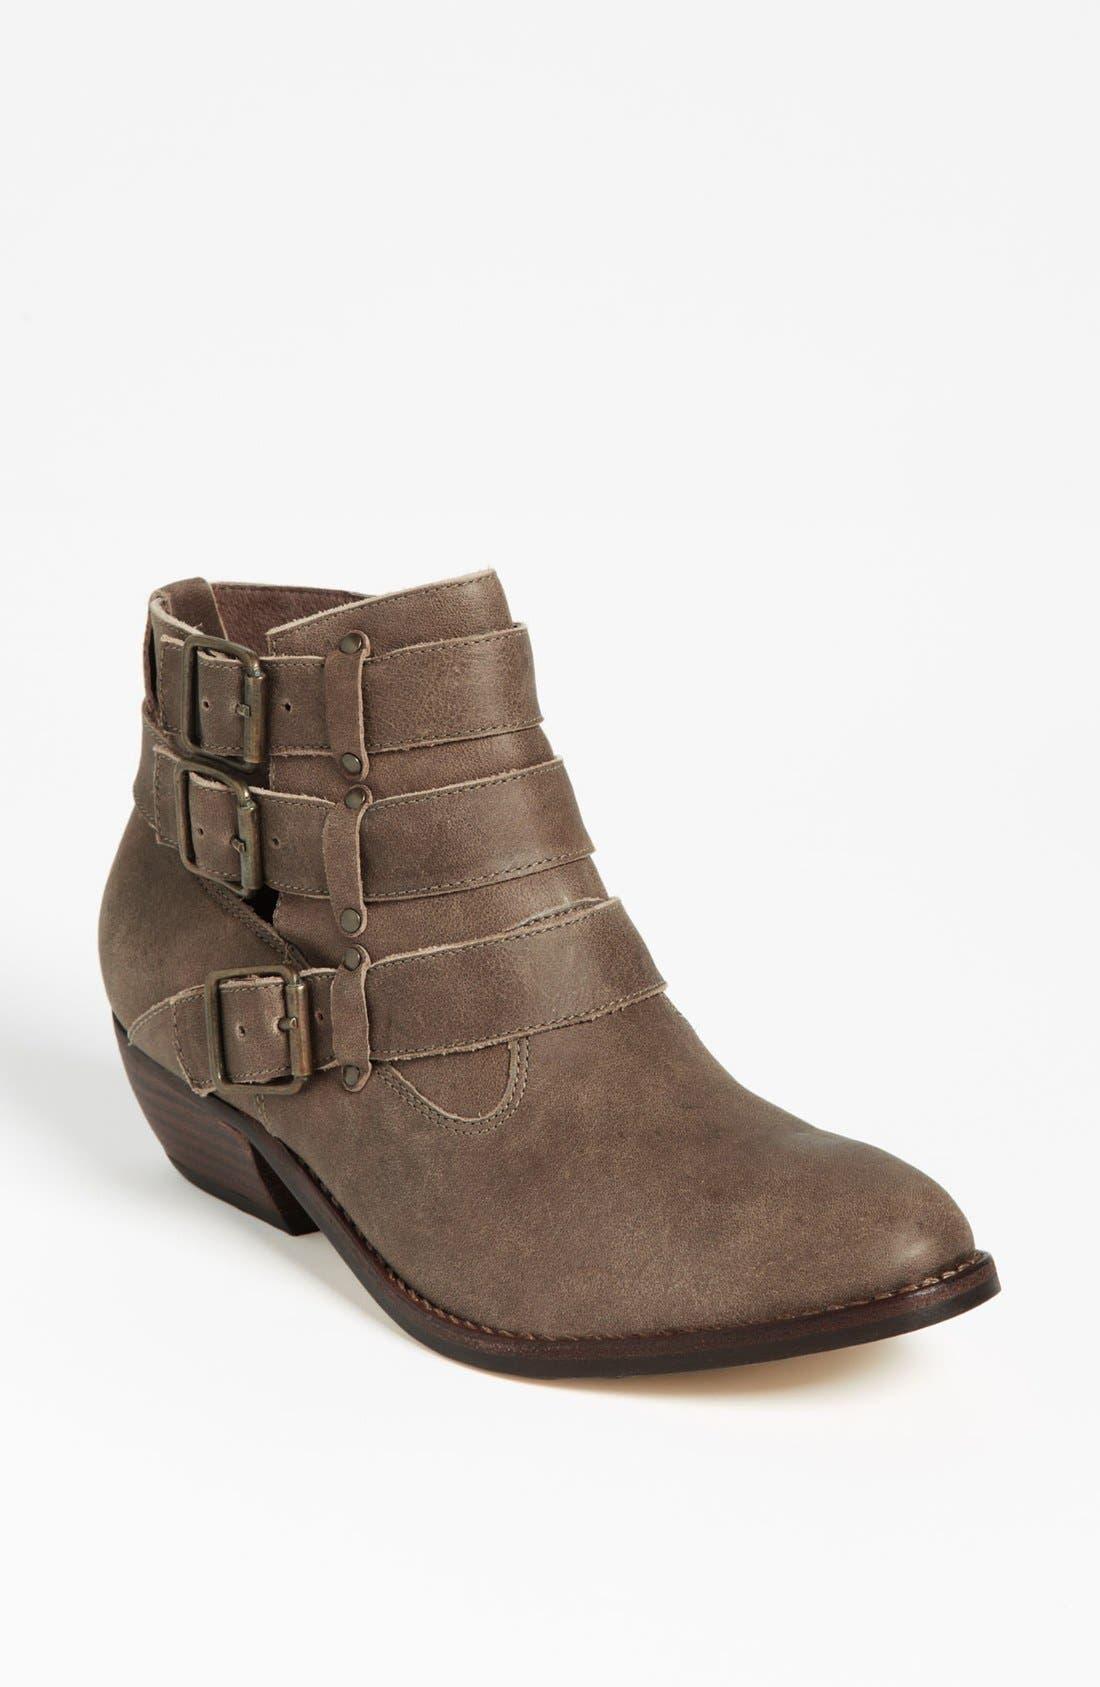 Alternate Image 1 Selected - Matisse 'Bobbie' Boot